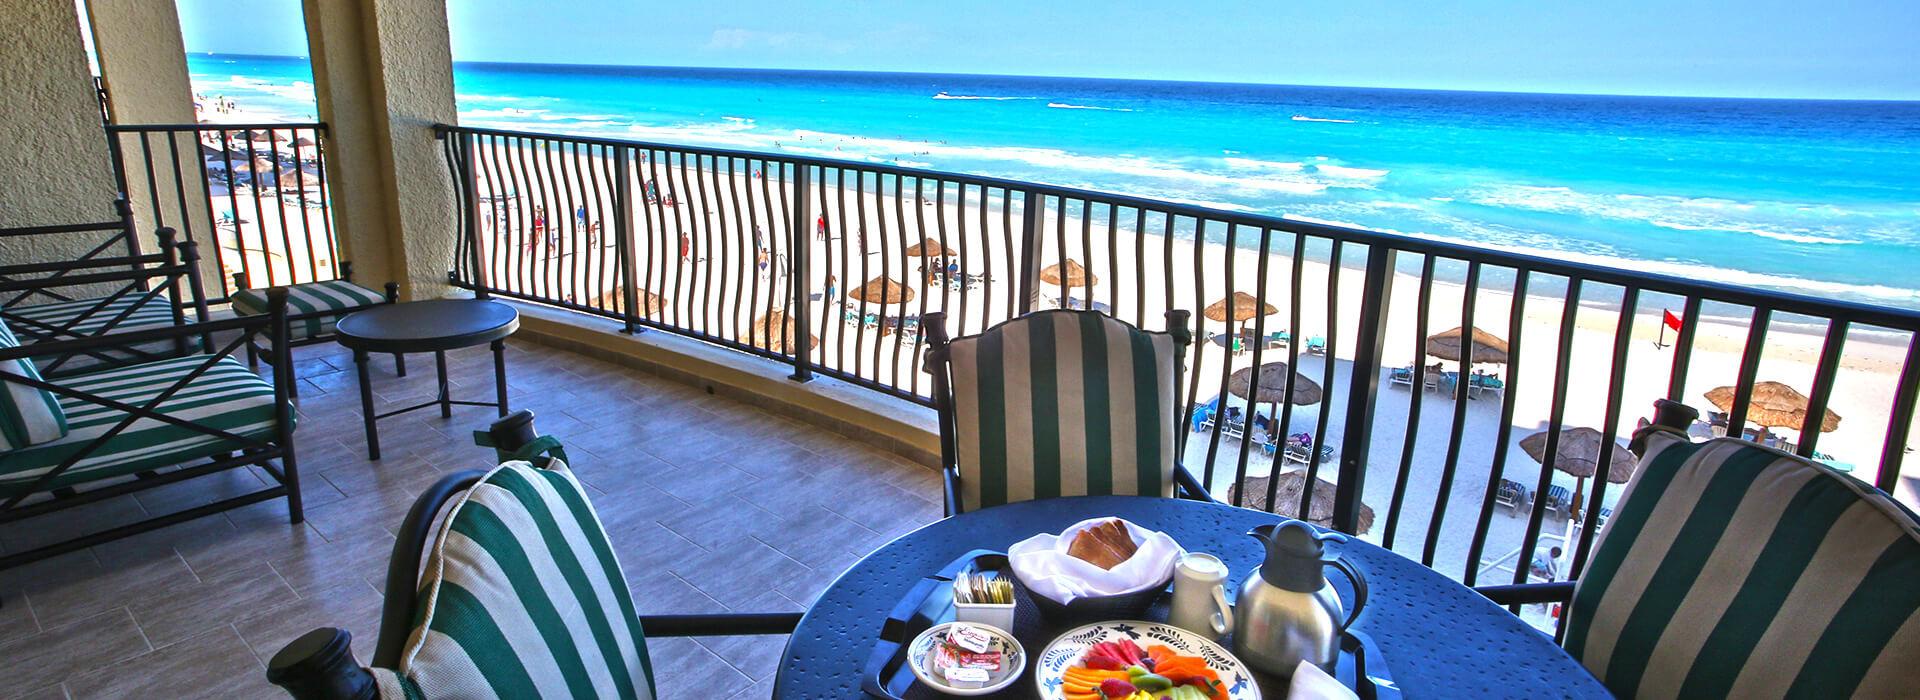 Villas frente al mar de dos recámaras y balcón privado en el Resort Todo Incluido en Cancun